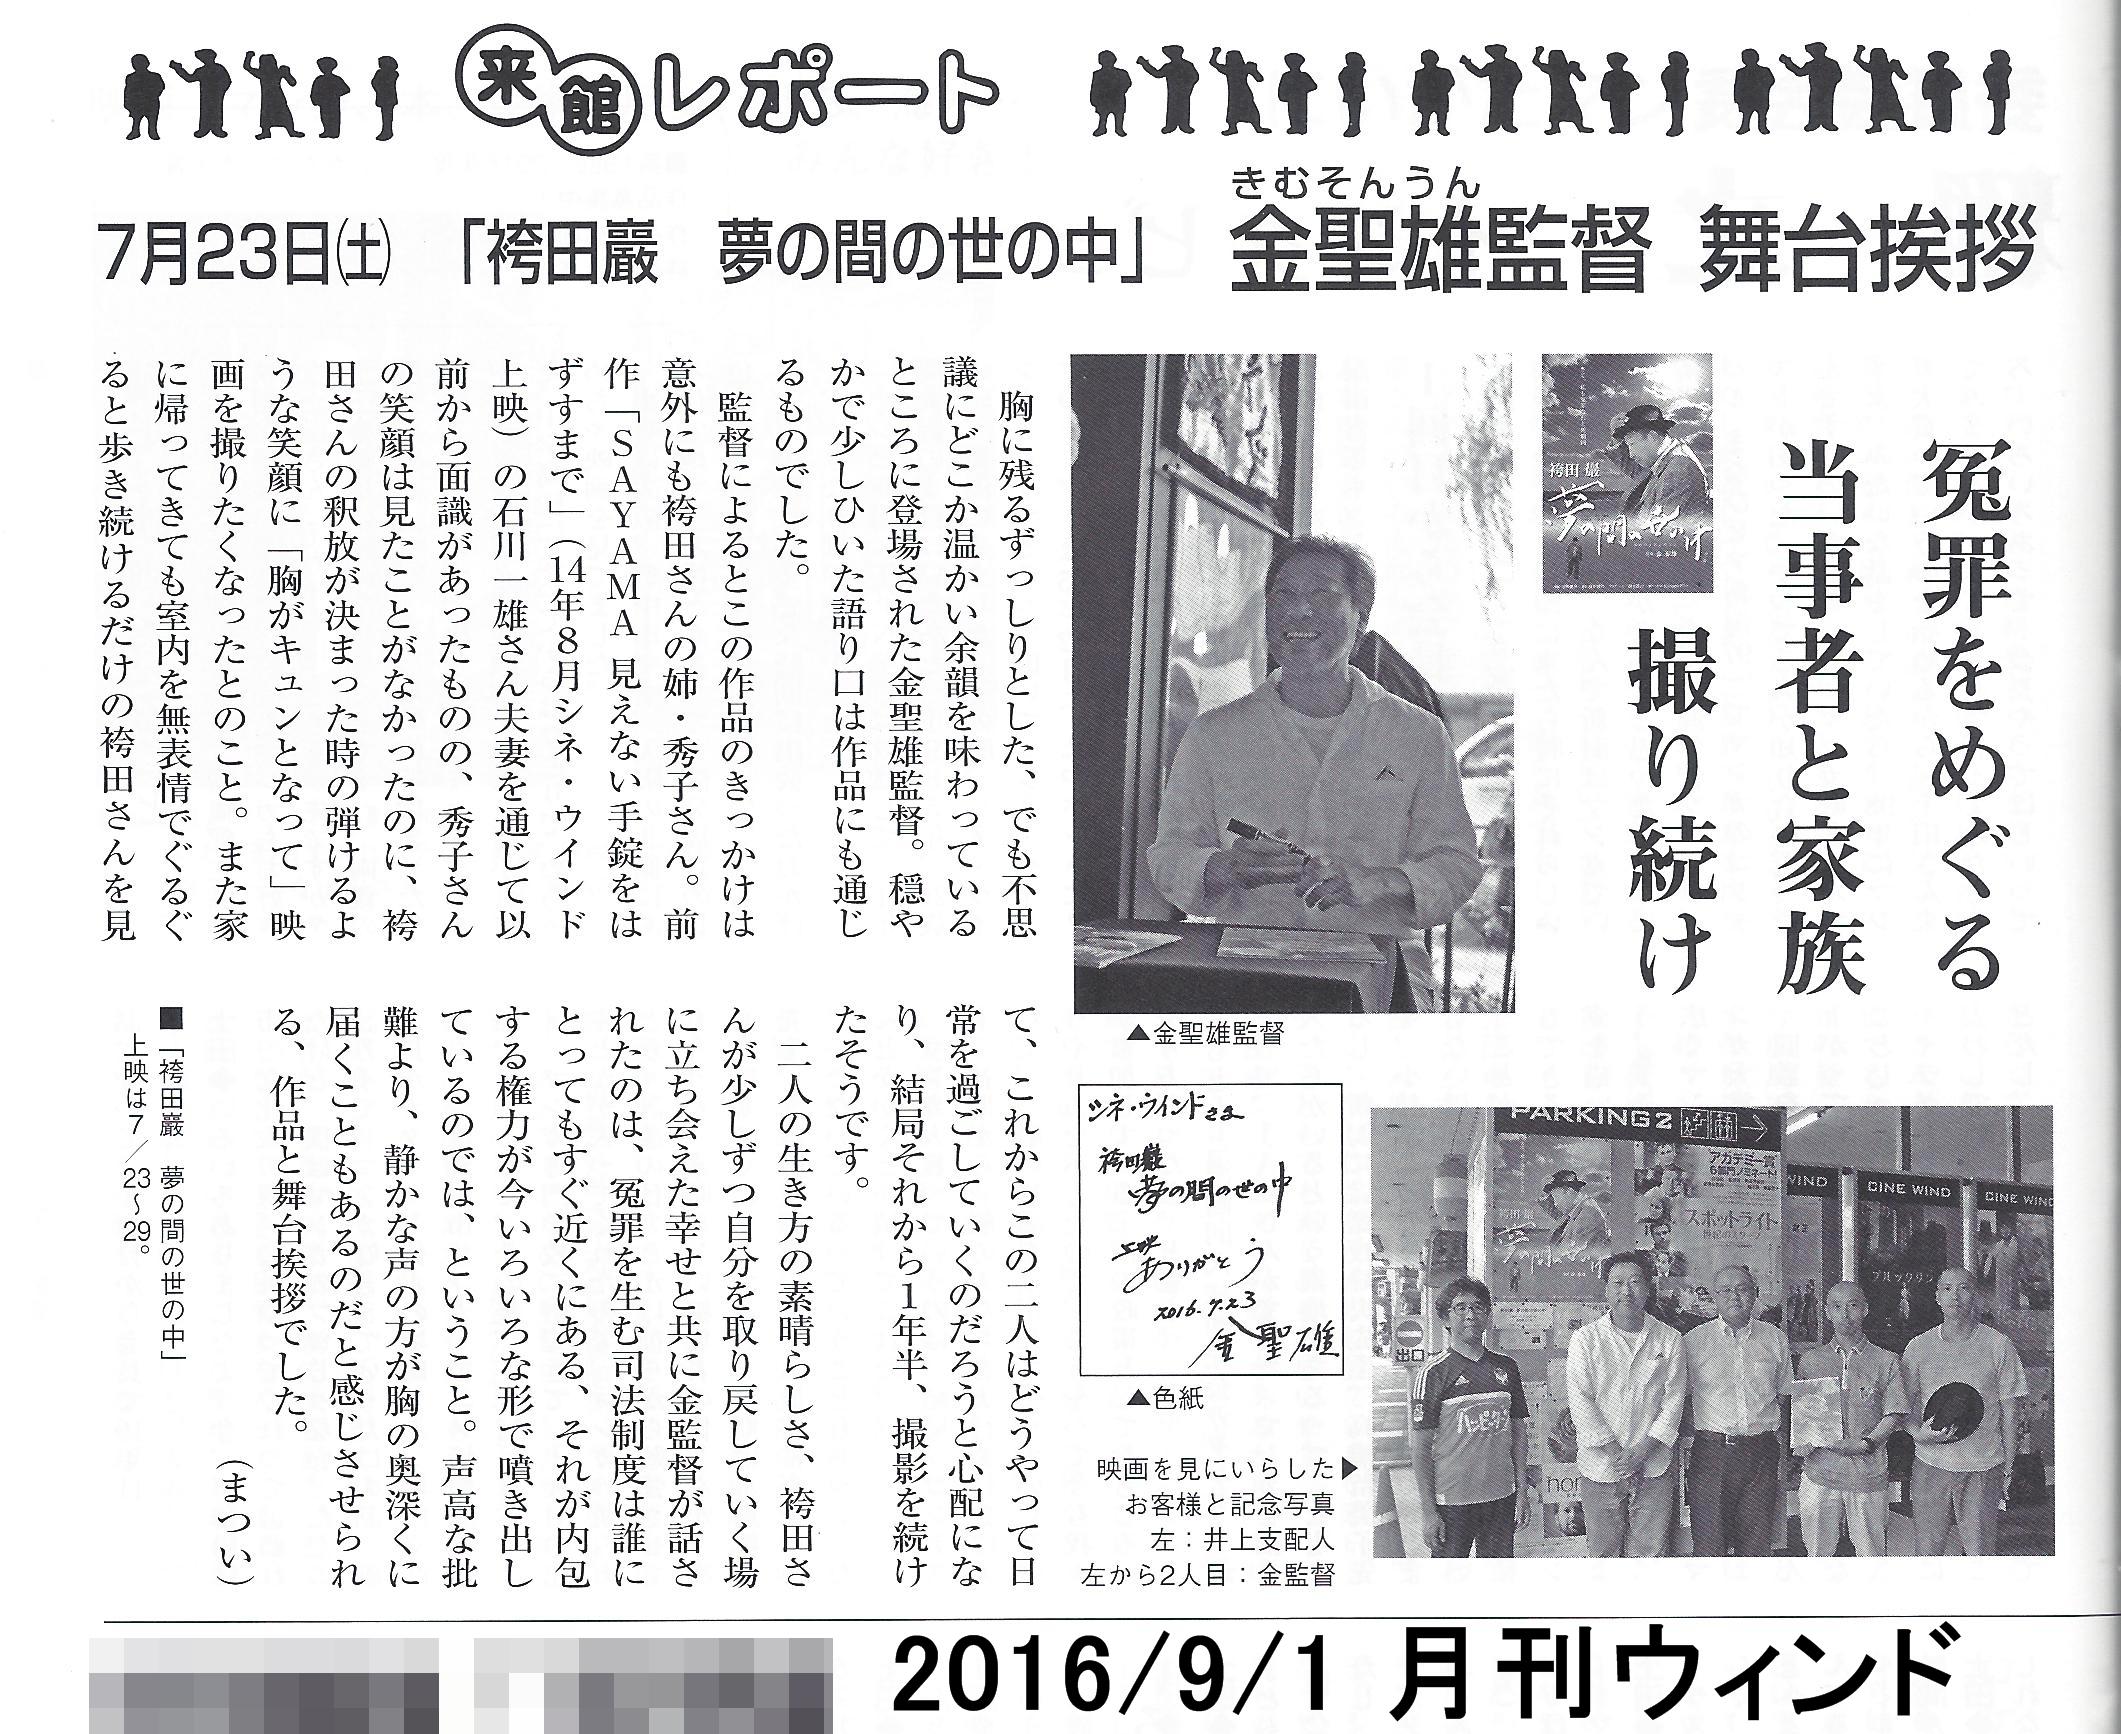 2016.9.1 月刊ウィンド<シネ・ウィンド発文化フォーラムマガジン>